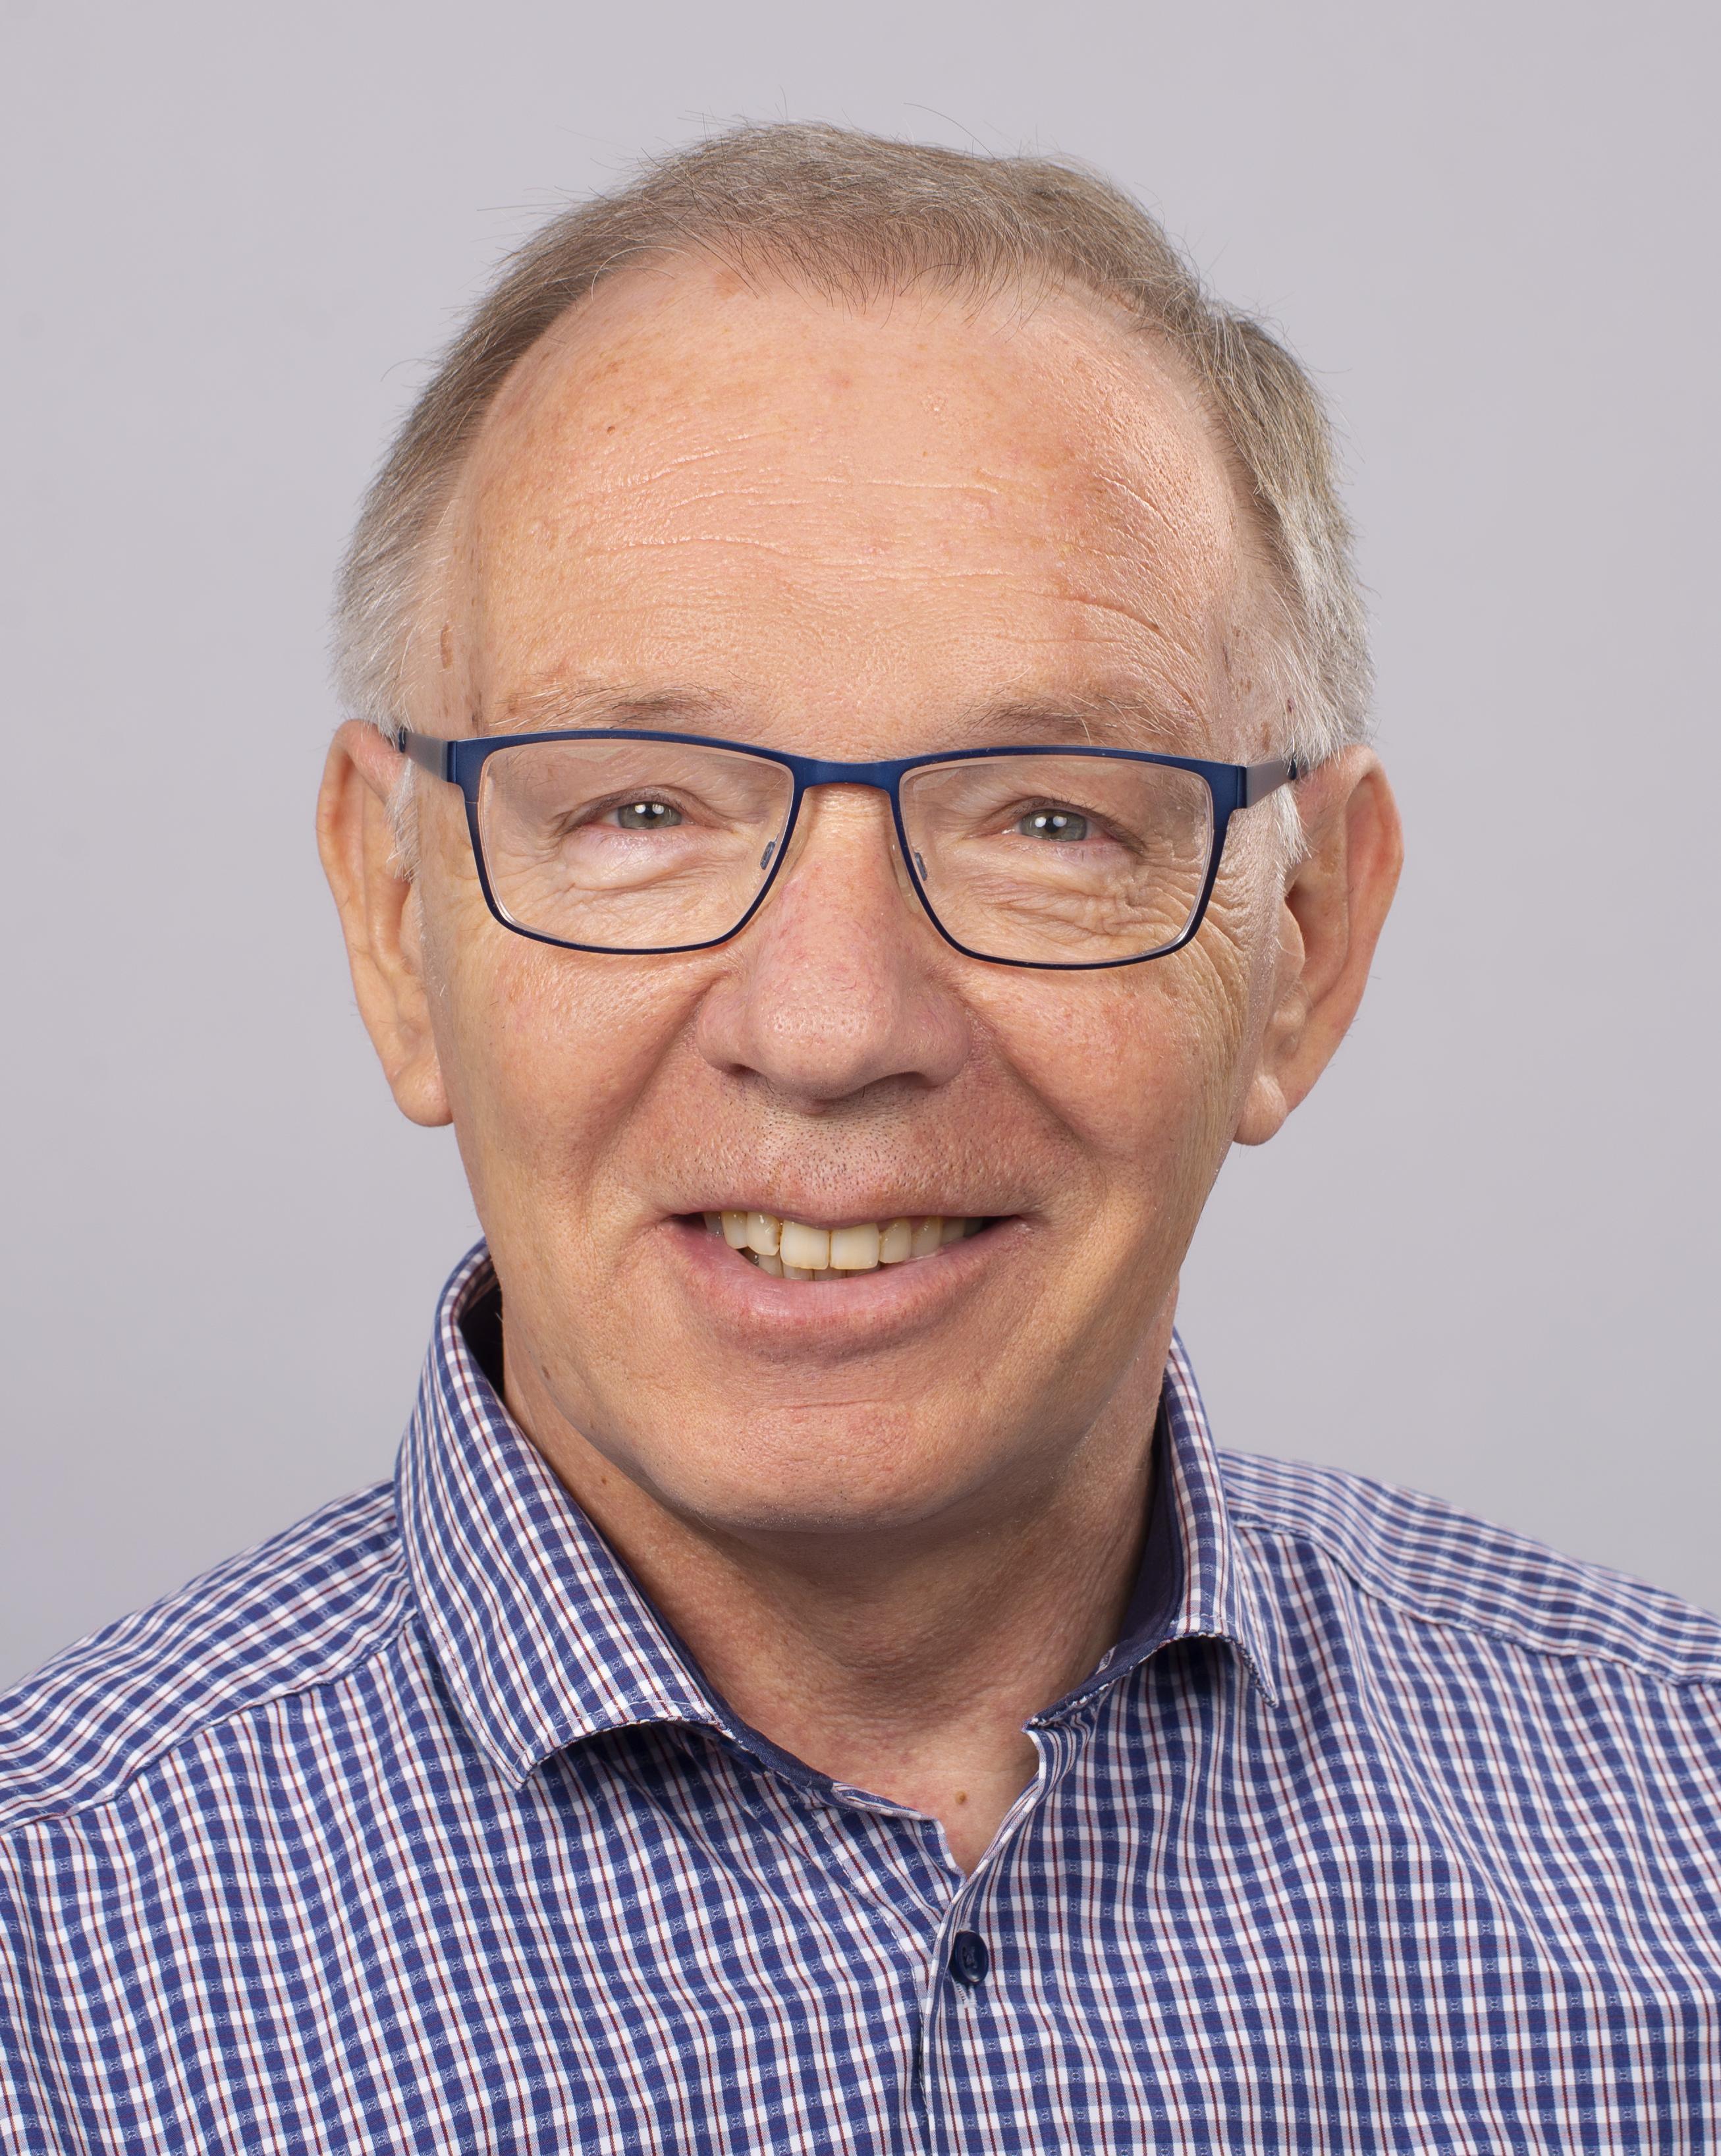 Norbert Henze